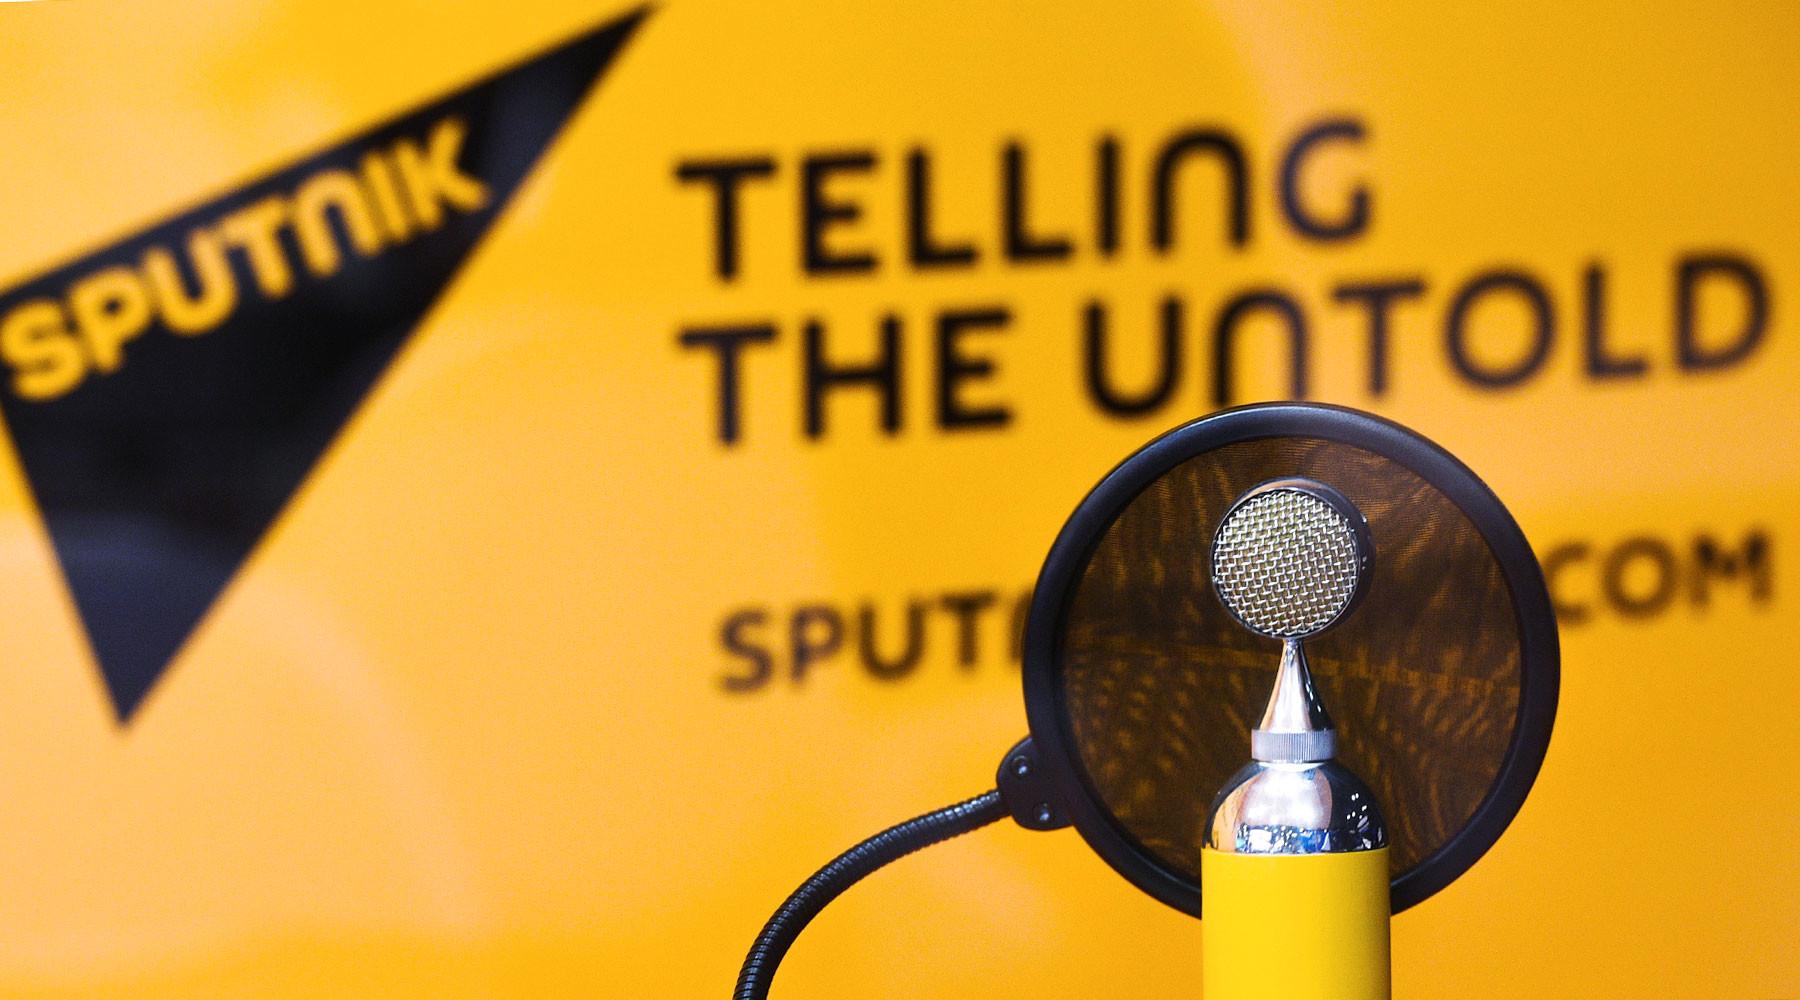 The Washington Post изменила название статьи о запуске вещания радио Sputnik в Вашингтоне